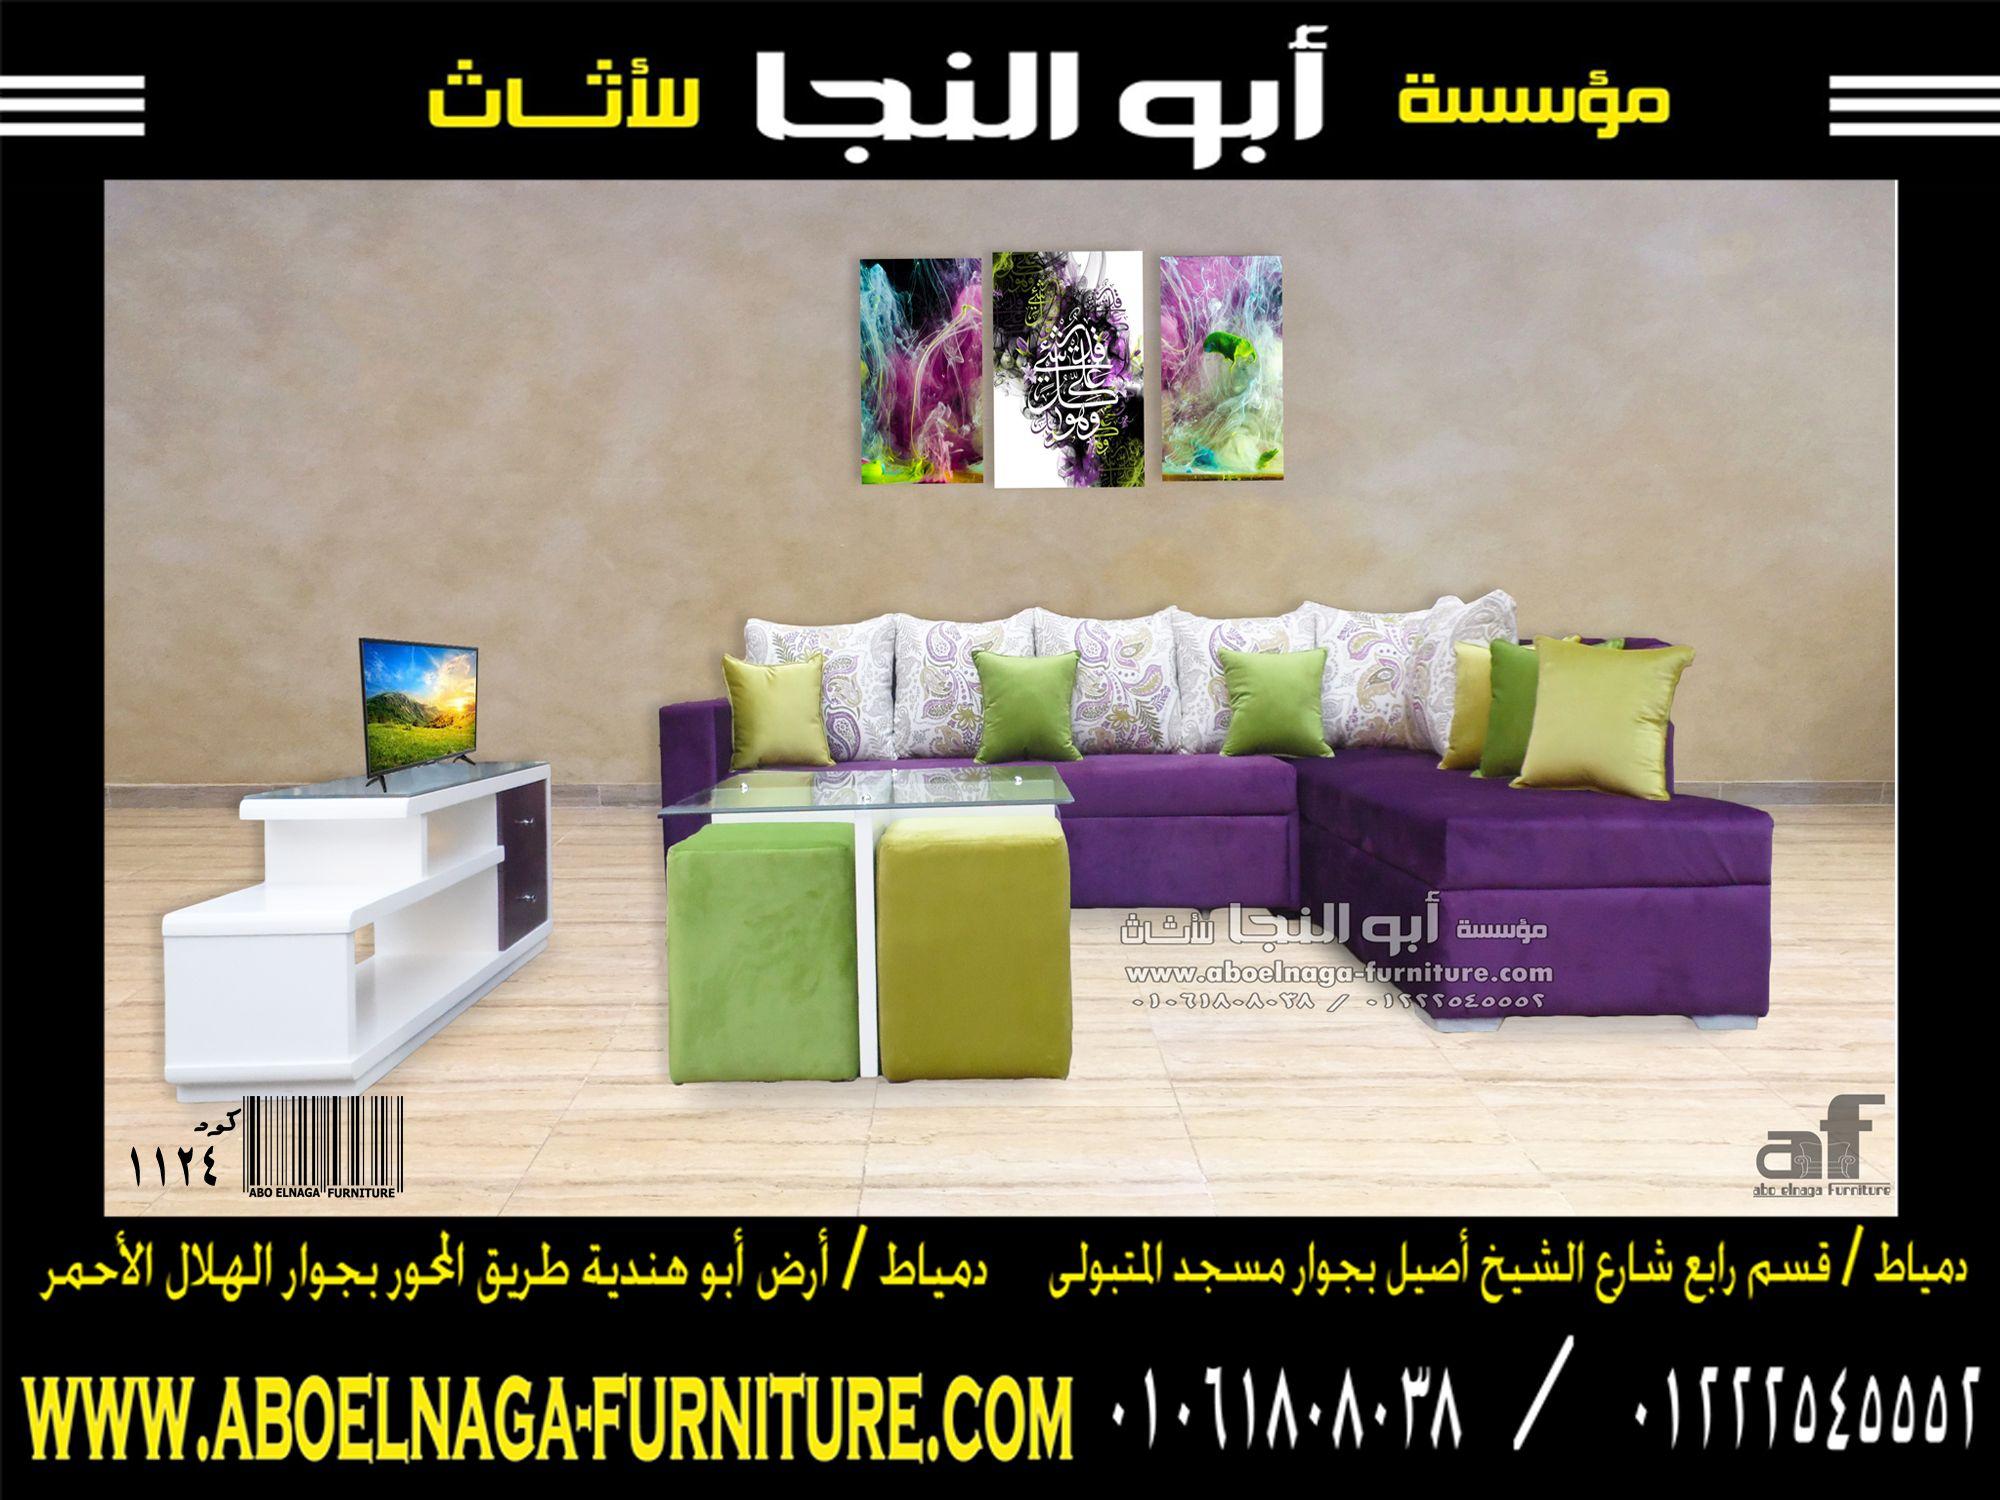 تنسيق الألوان فى كل شئ يتعلق بغرفة المعيشة أمر ضرورى و مهم فلا يجوز وضع قطع من الأثاث مختلفة ألوانها عن لون الترابيزة أو عن ألوان الحوائط أو التابلوهات والتنوع